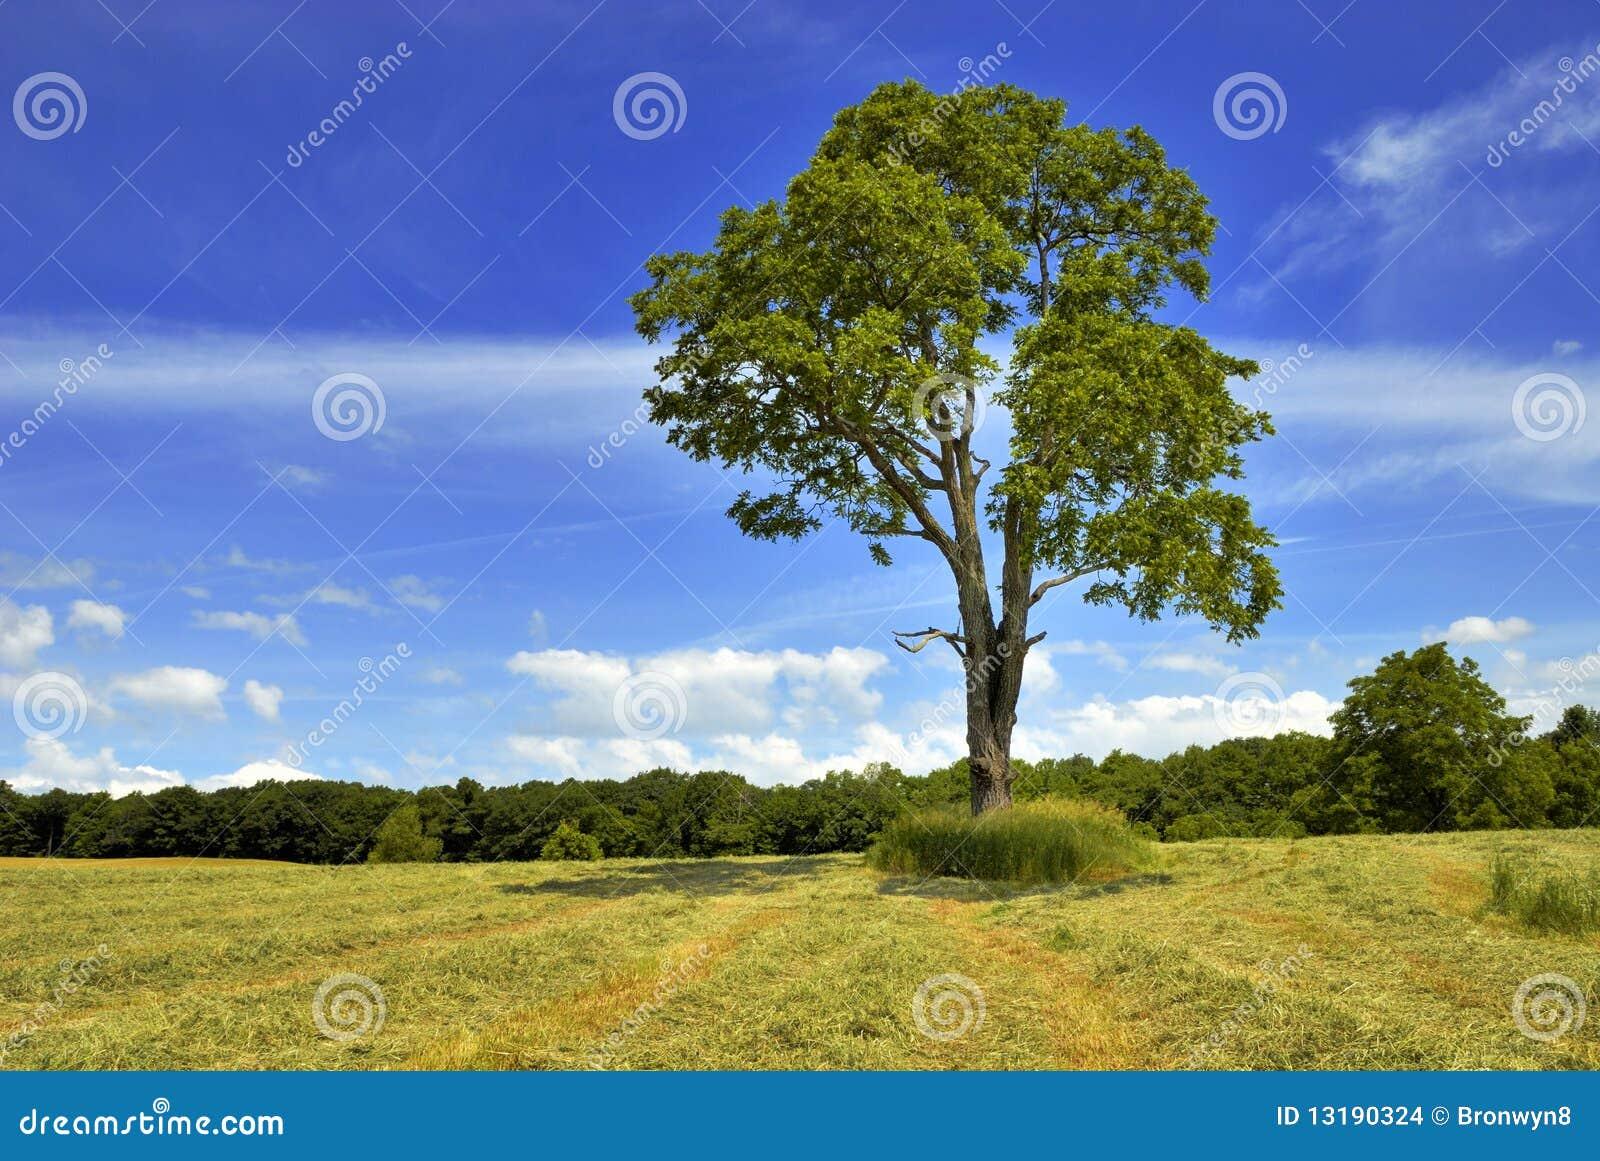 ξύλο καρυδιάς δέντρων